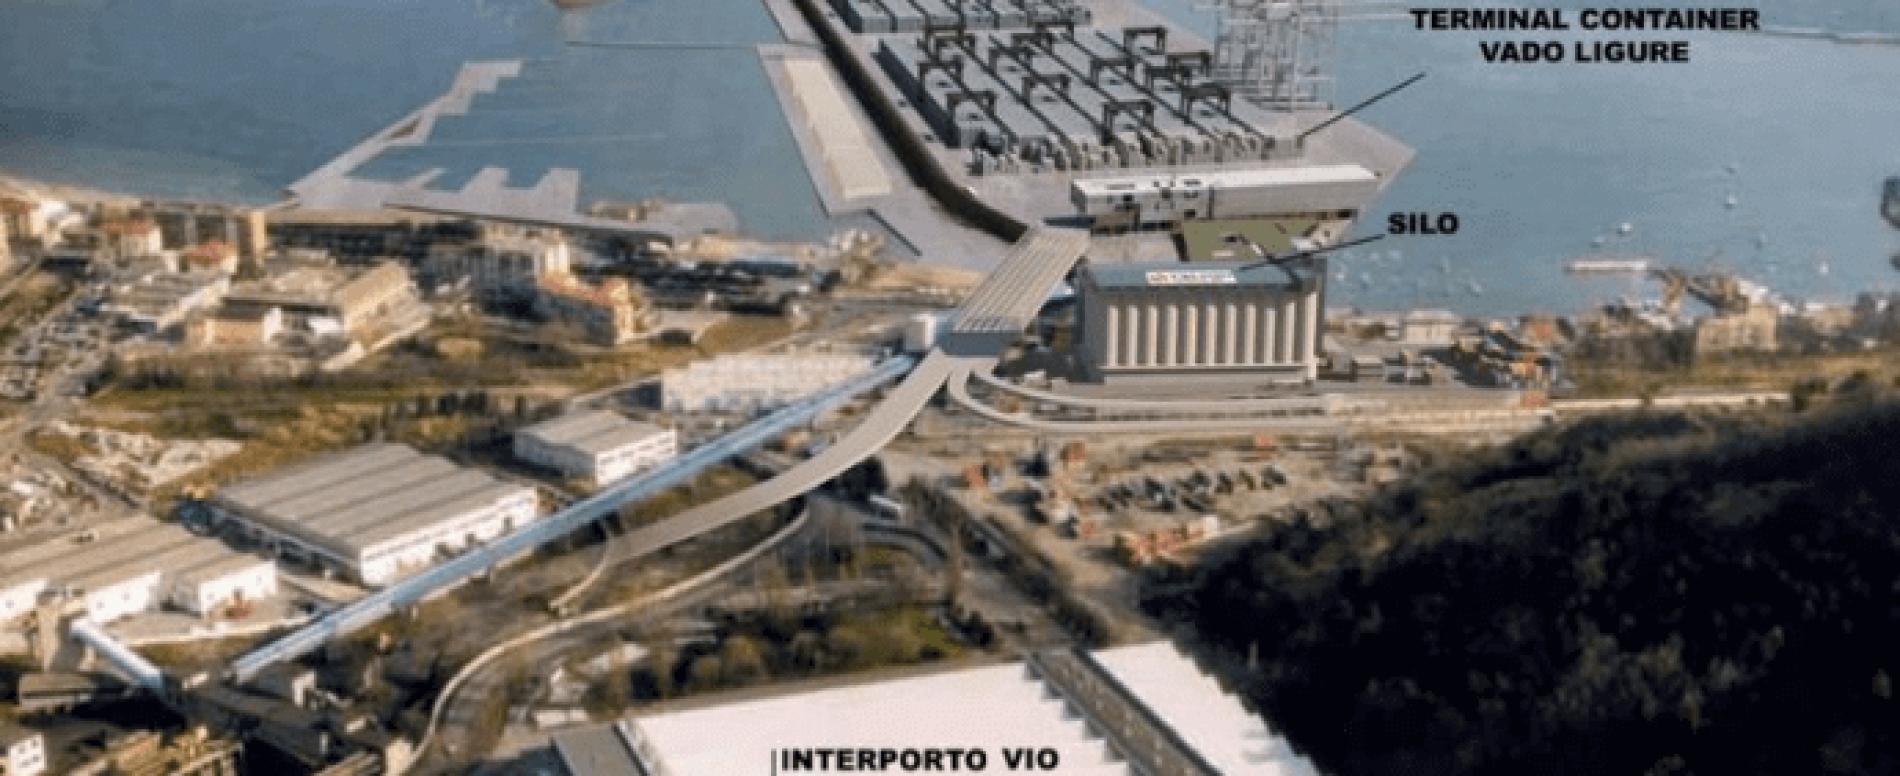 A Vado Ligure il più grande silos di caffè verde in Europa